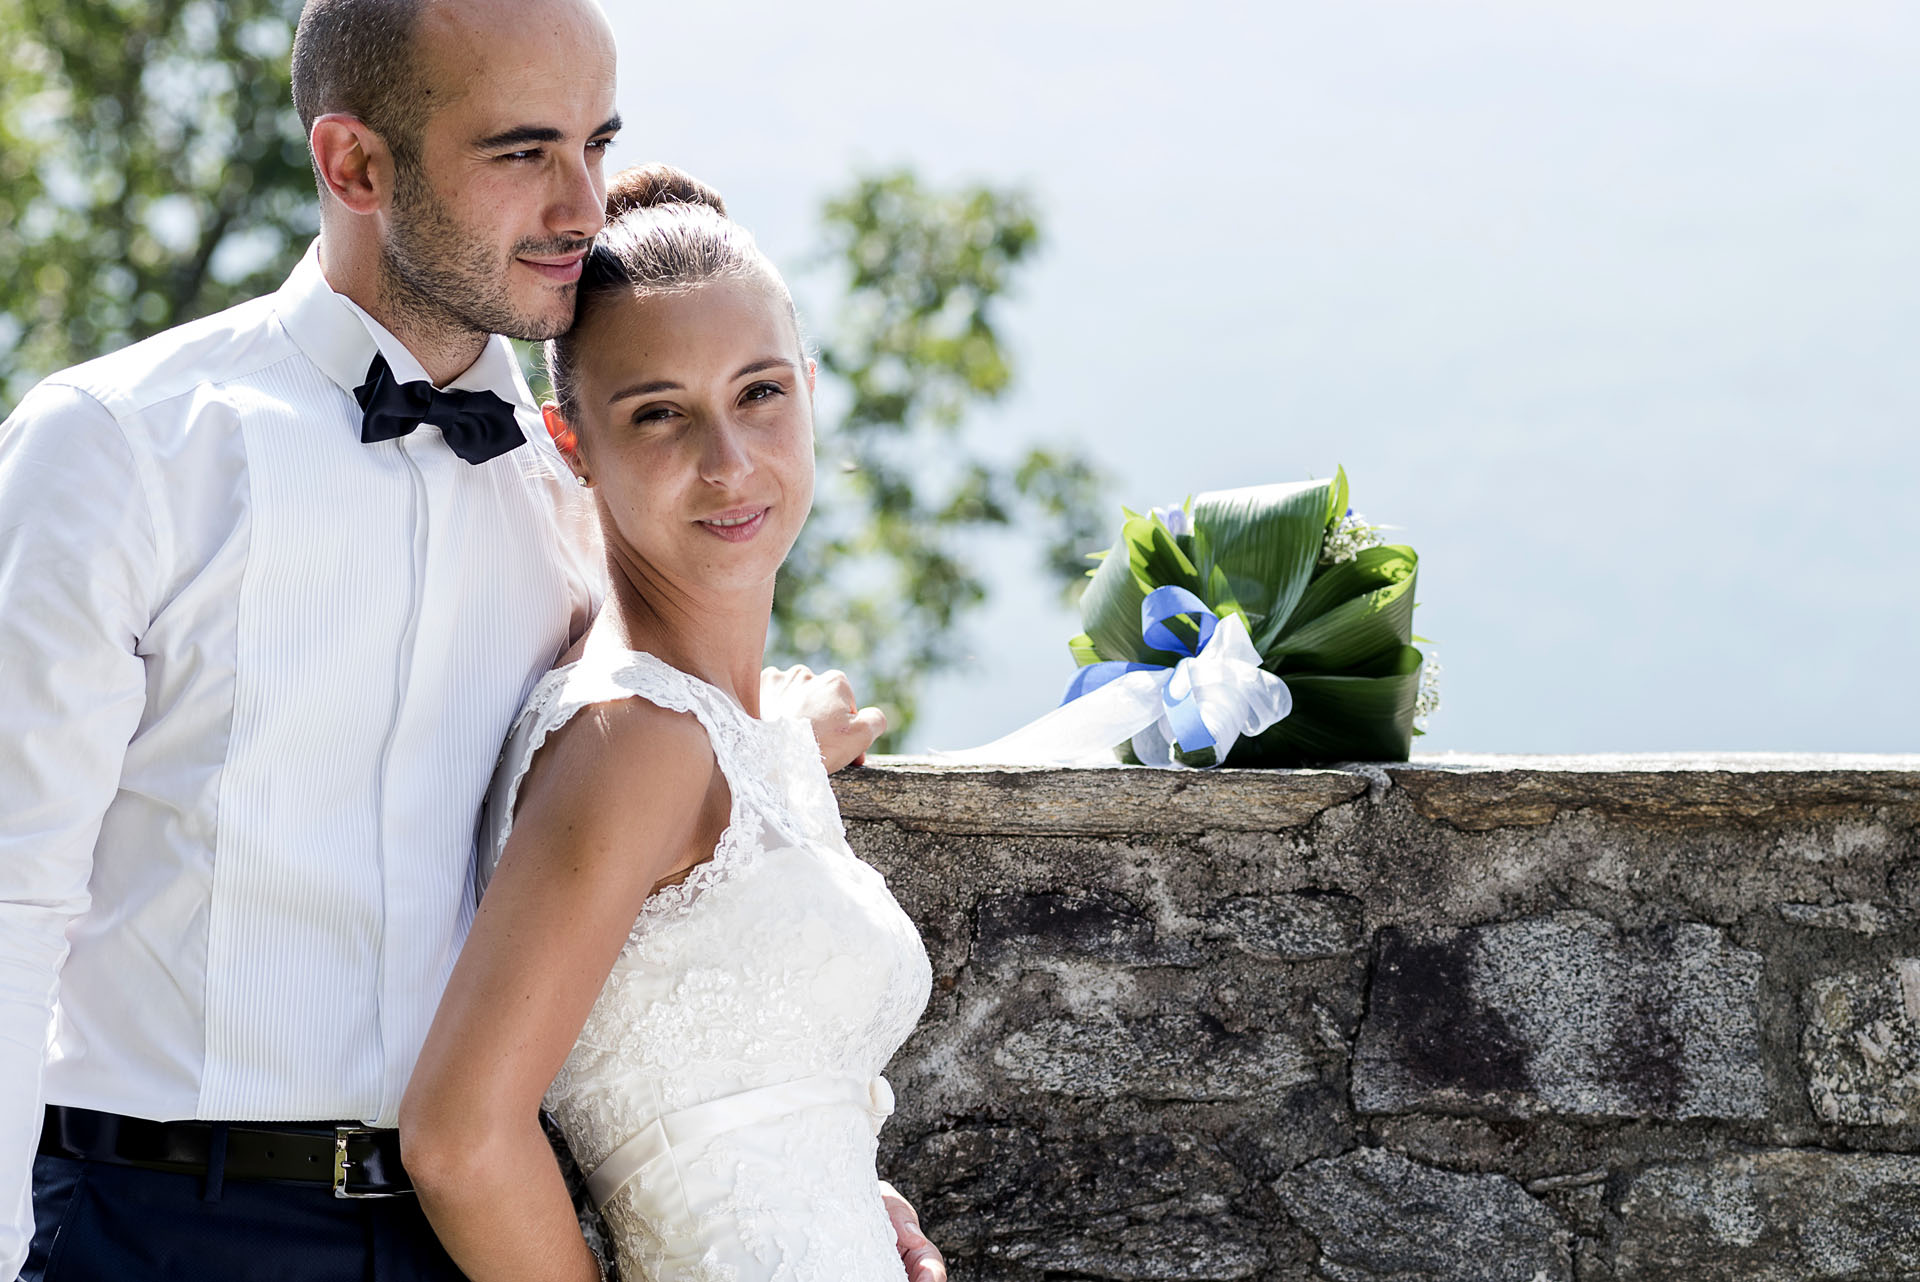 fotografo di matrimonio in Lombardia. Domande frequenti. Faq.